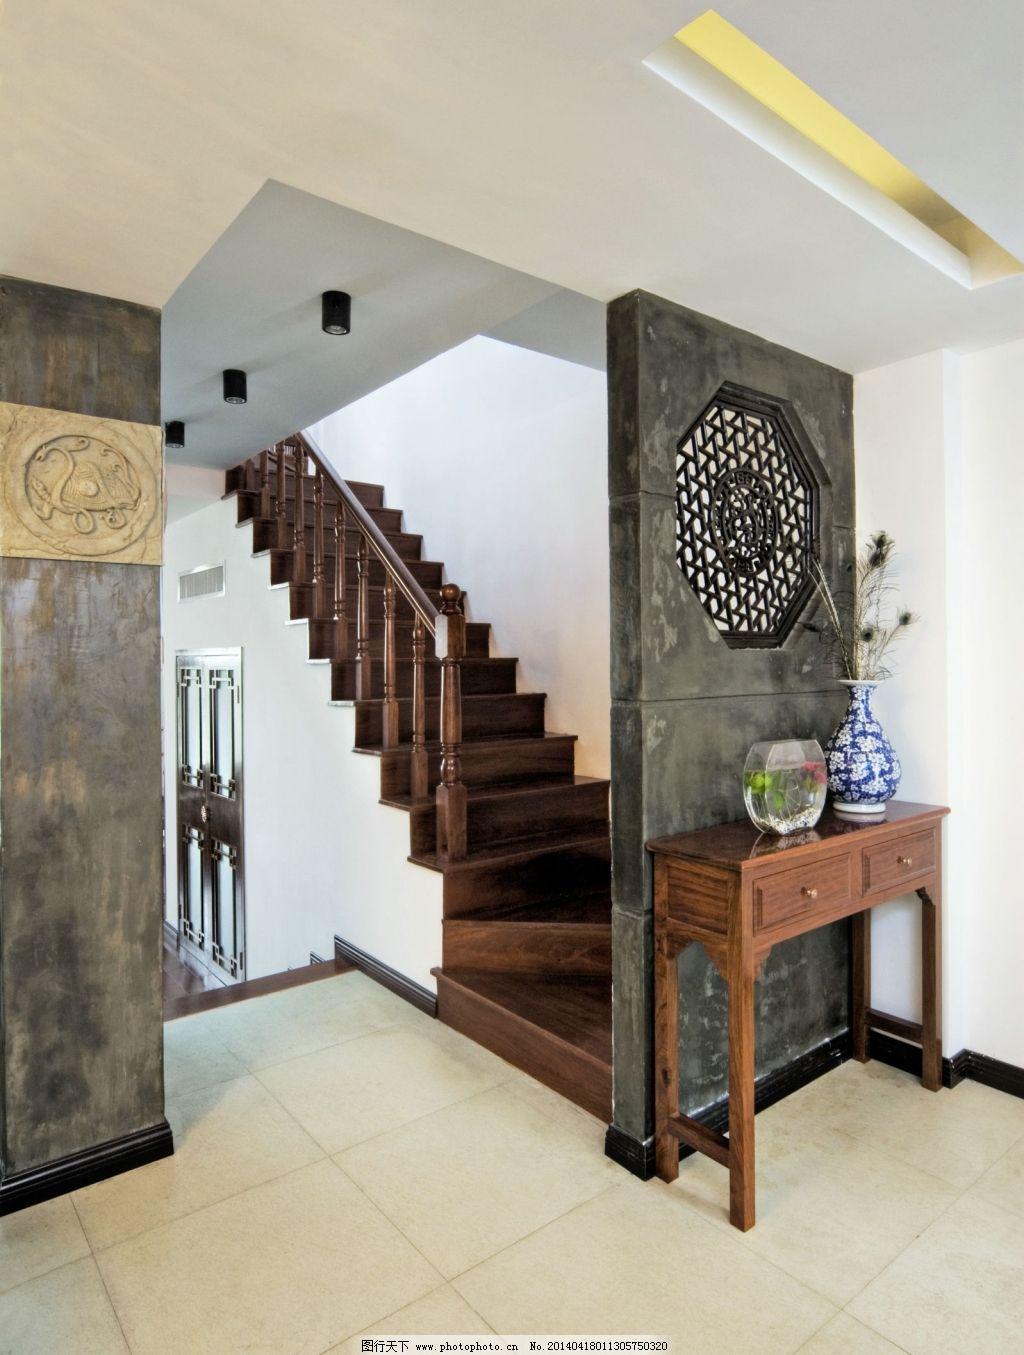 楼梯装修设计效果图 楼梯装修设计效果图免费下载 隔断 石头 中国风